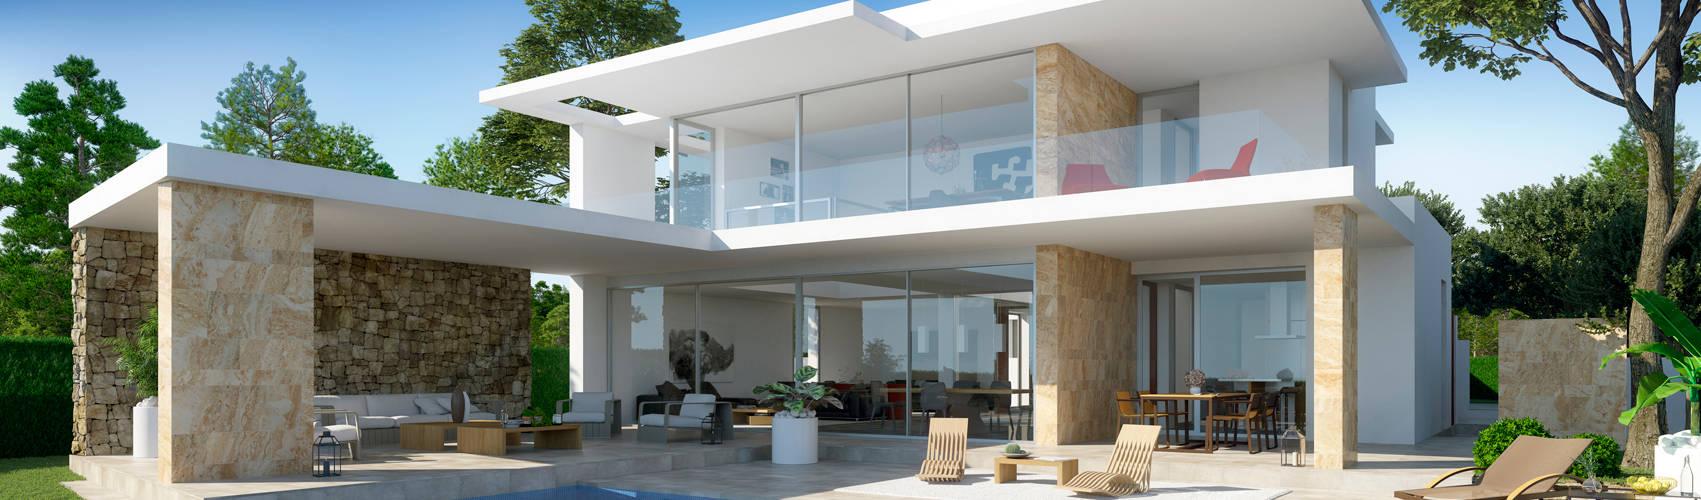 Chiarri arquitectura